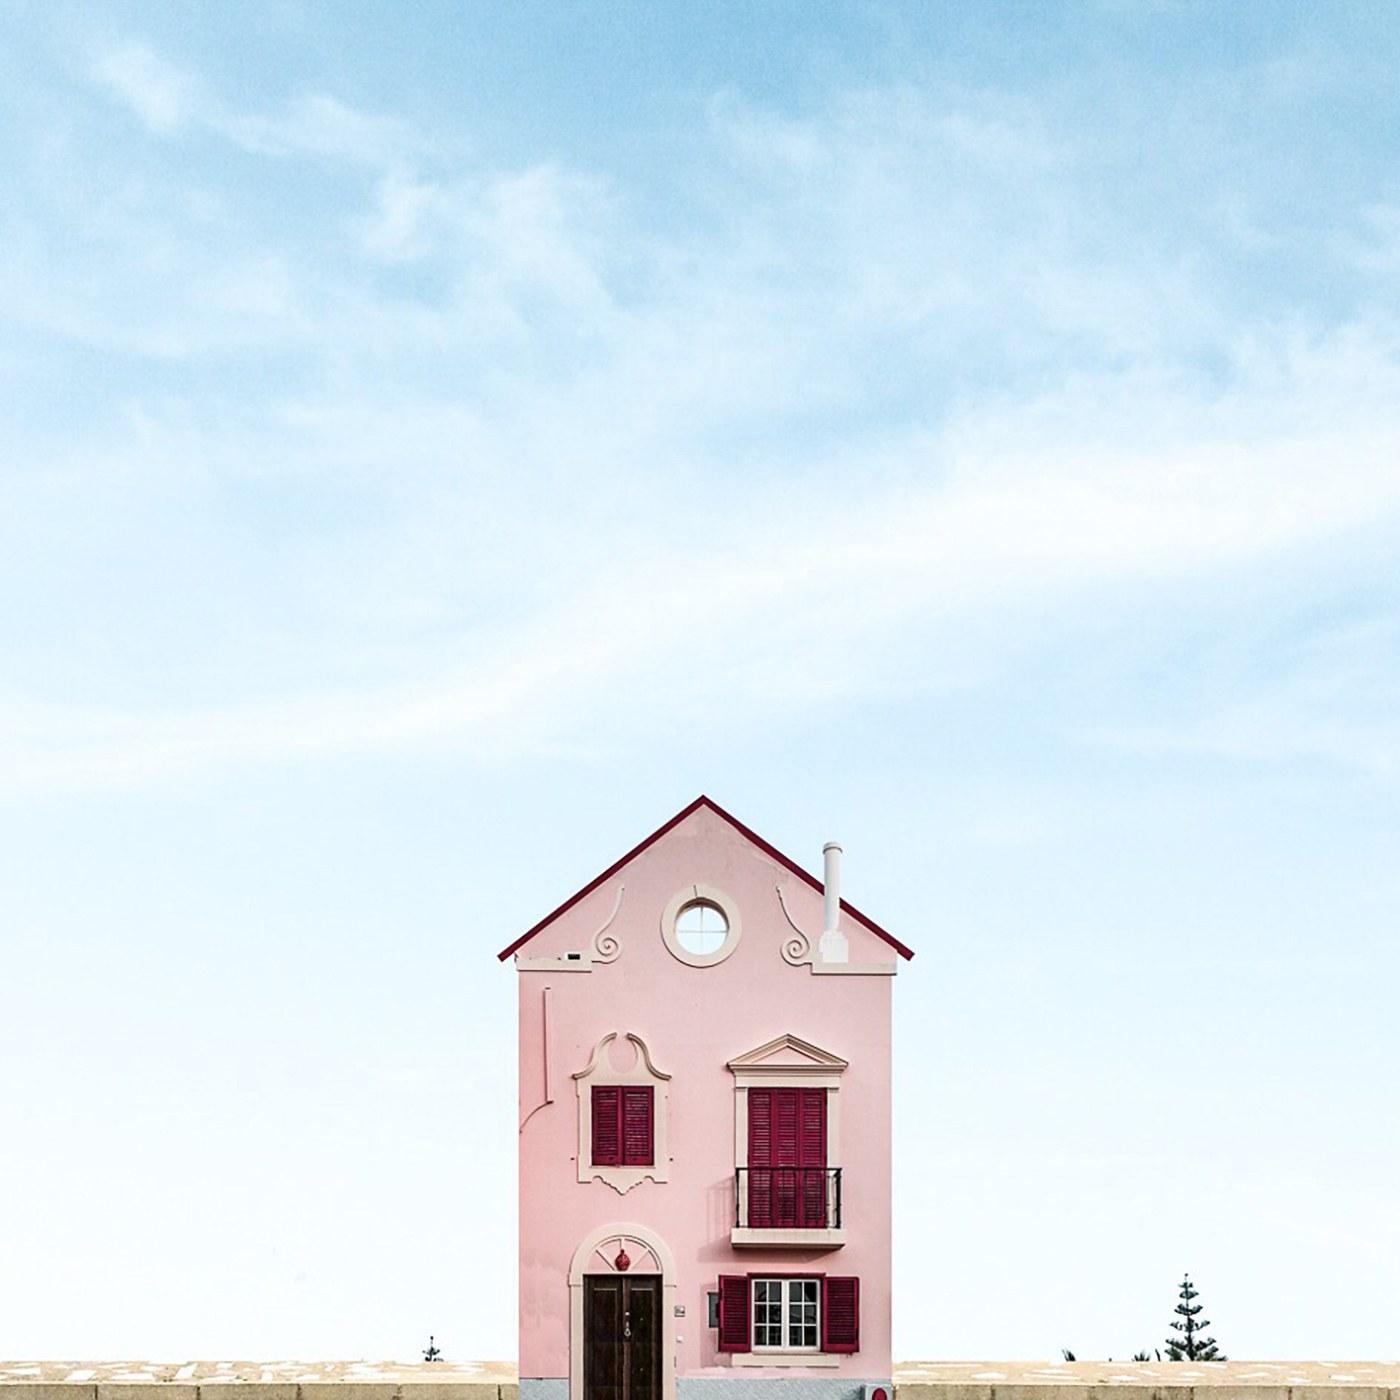 Le case solitarie di Manuel Pita | Collater.al 12